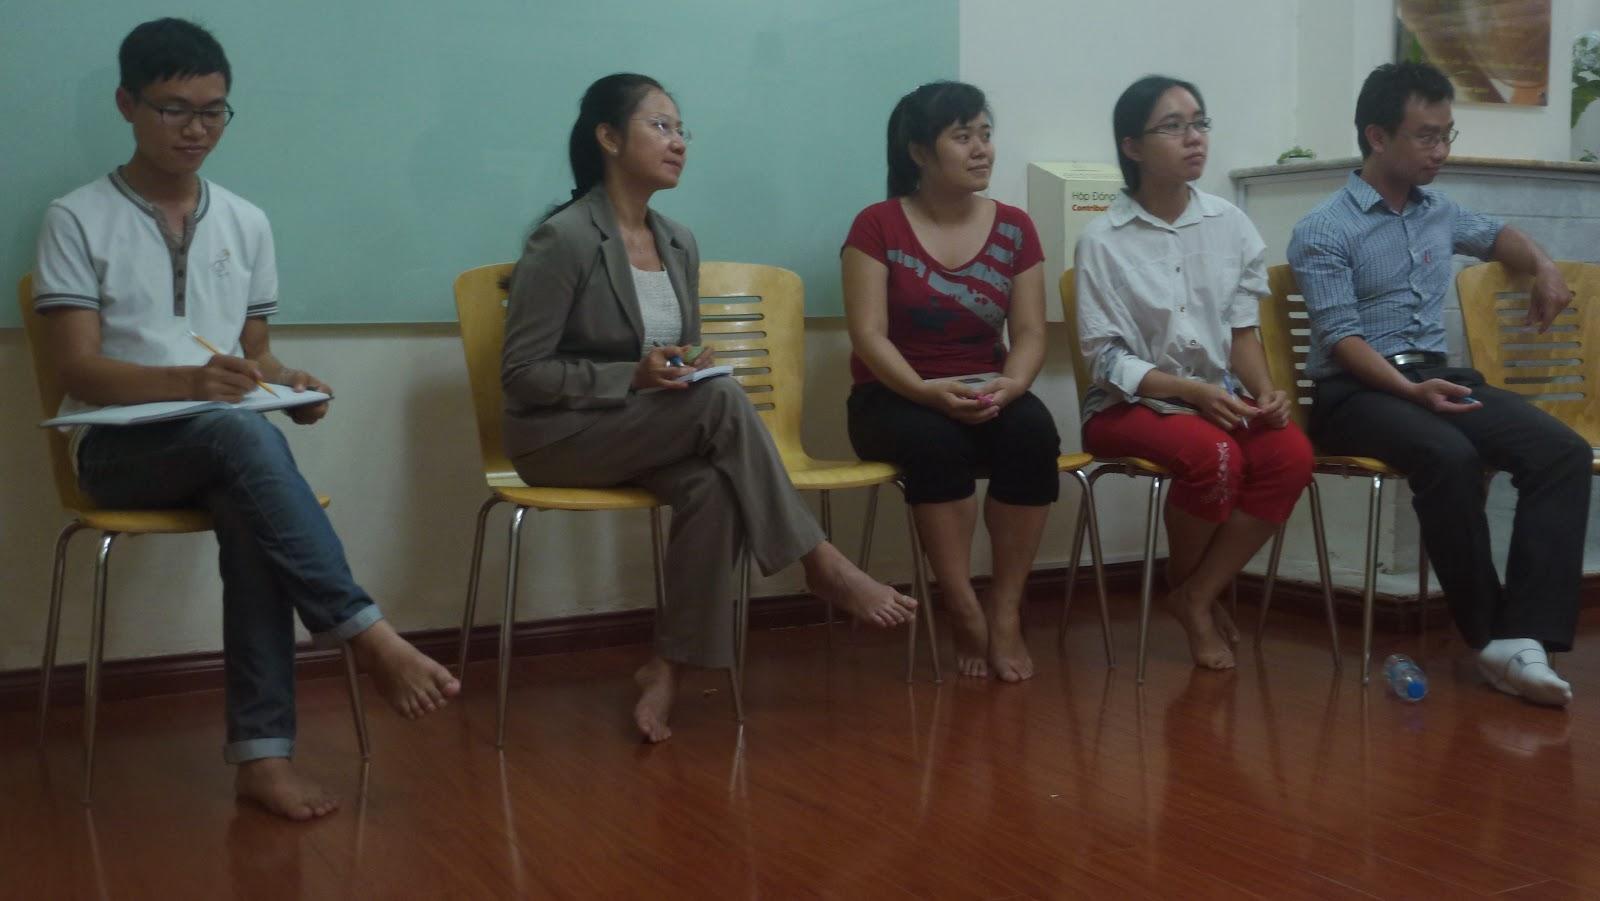 QUÝ TRỌNG BẢN THÂN ĐỂ TẬN HƯỞNG CUỘC SỐNG MỖI NGÀY - www.InnerSpaceHn.vn